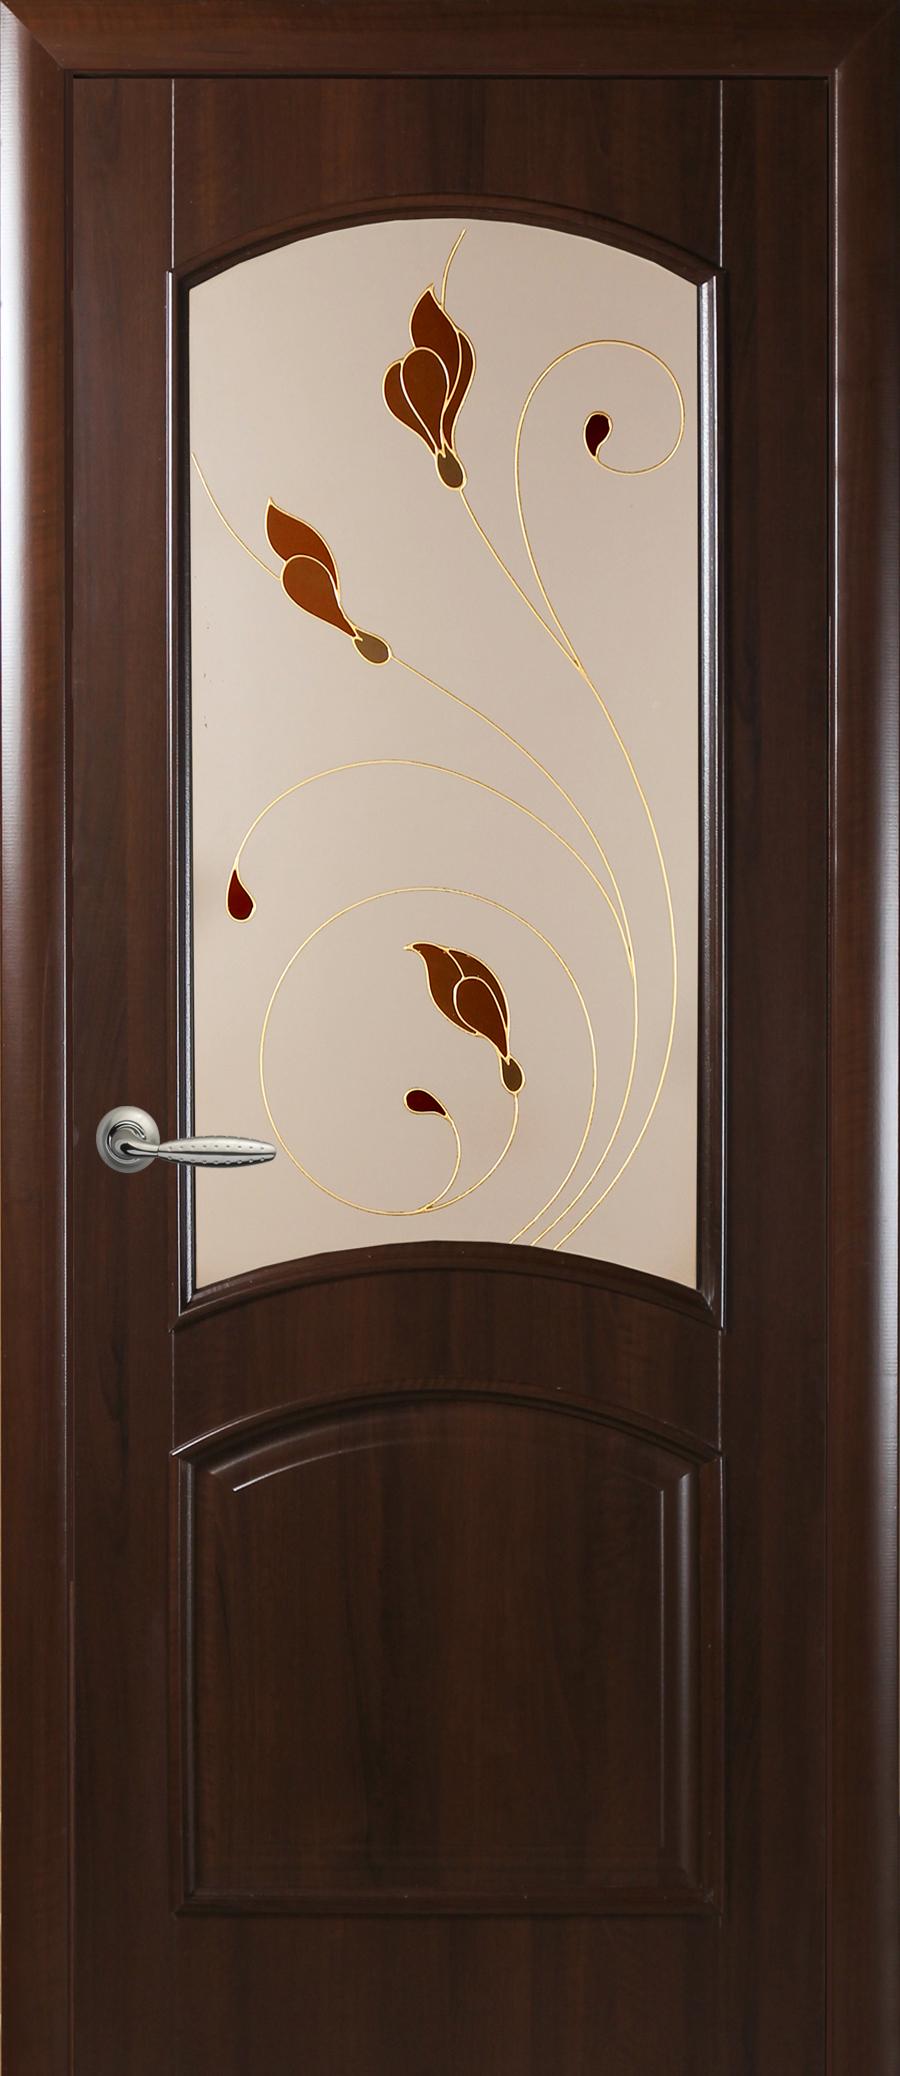 Міжкімнатні двері PVC (ПВХ) 0903d587a2f76